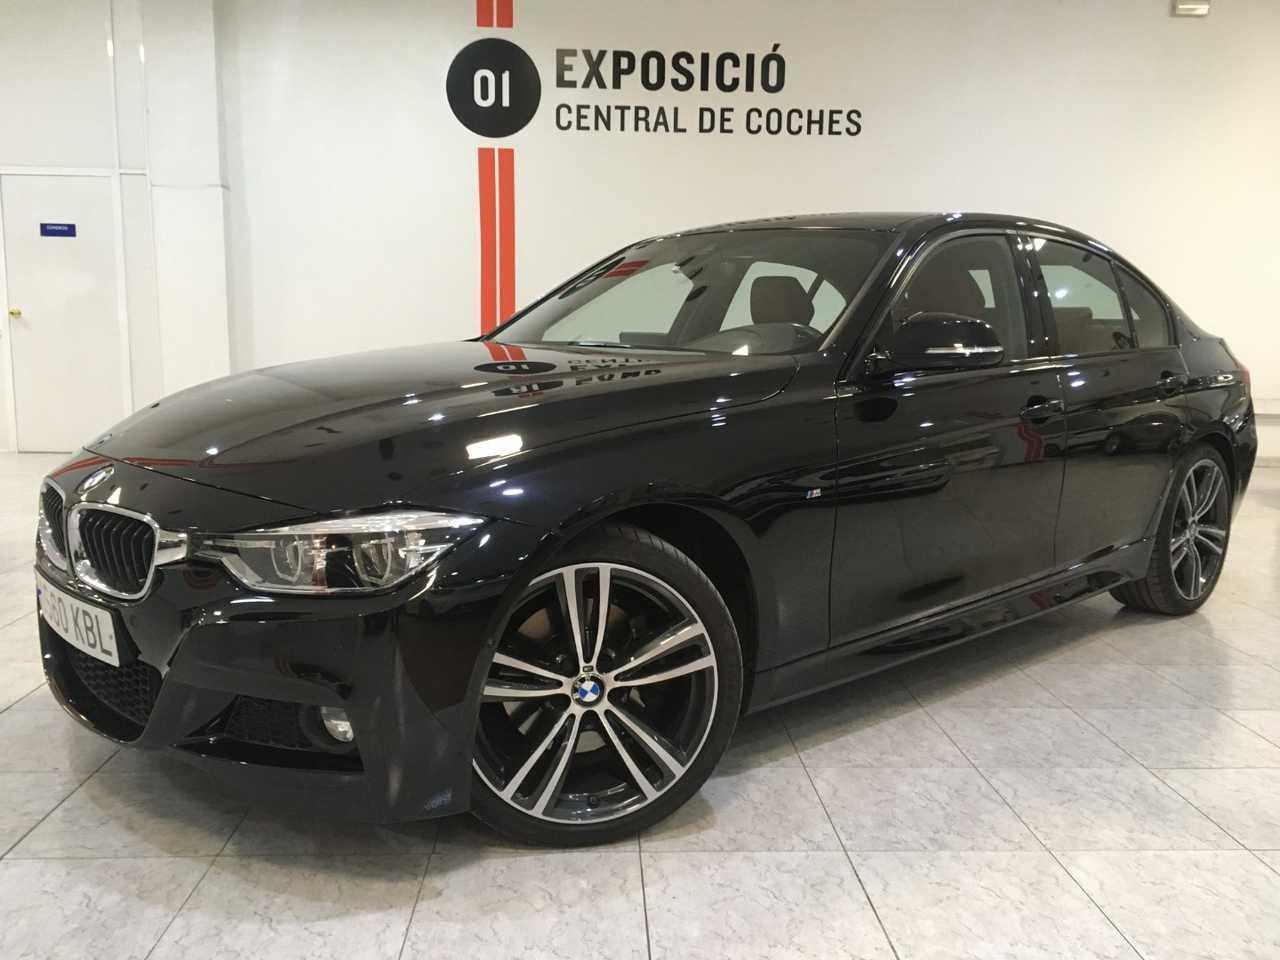 BMW Serie 3 F30 330d Aut. Pack M -- NACIONAL --24 MESES DE GARANTIA --   - Foto 1